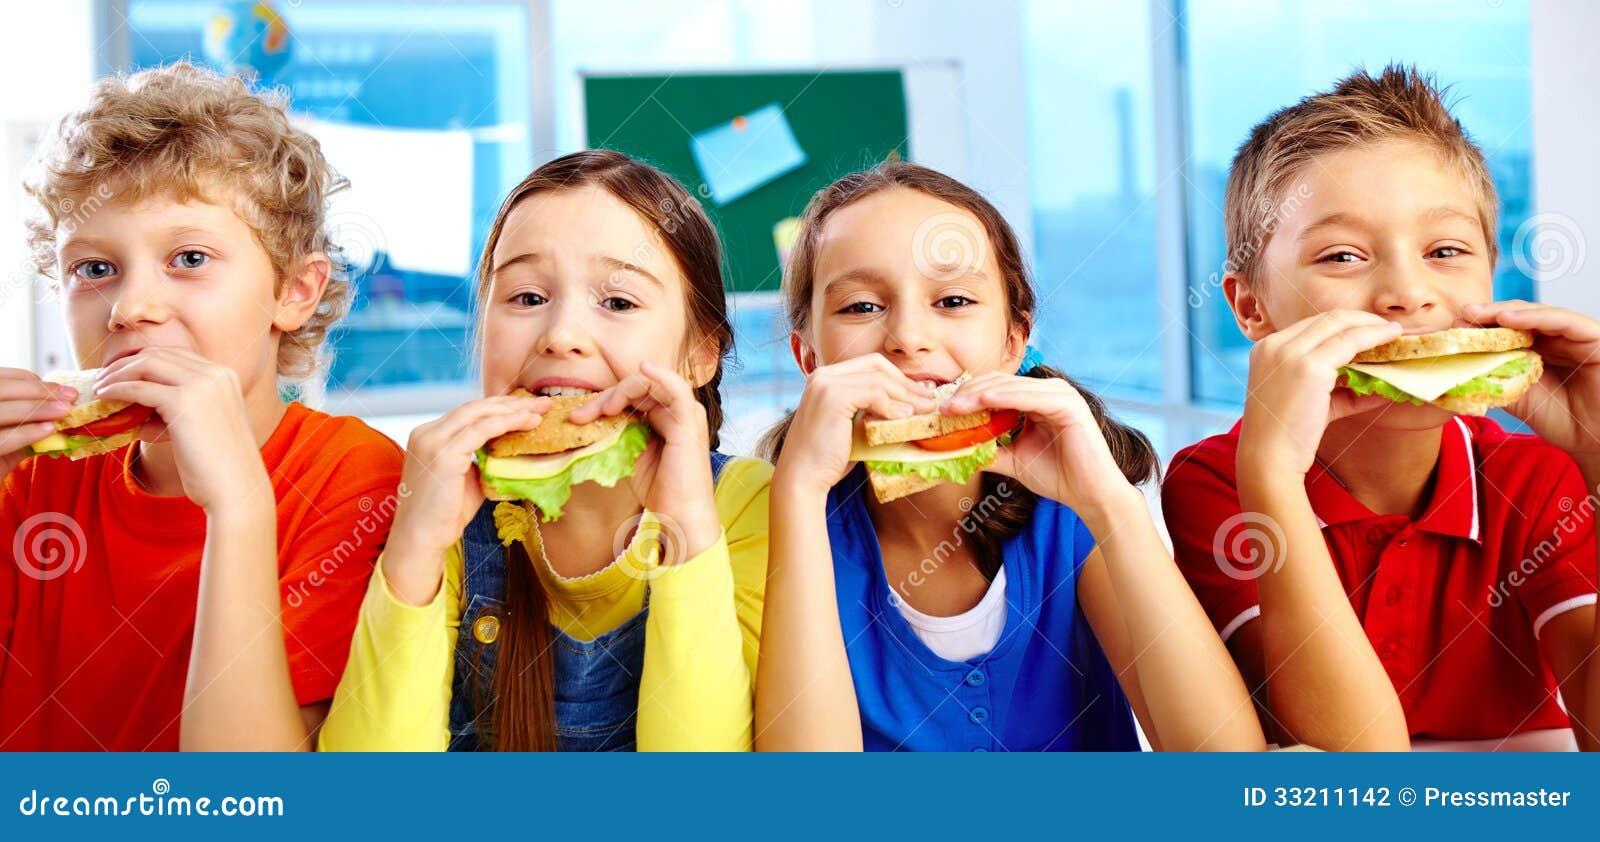 Lunch in school